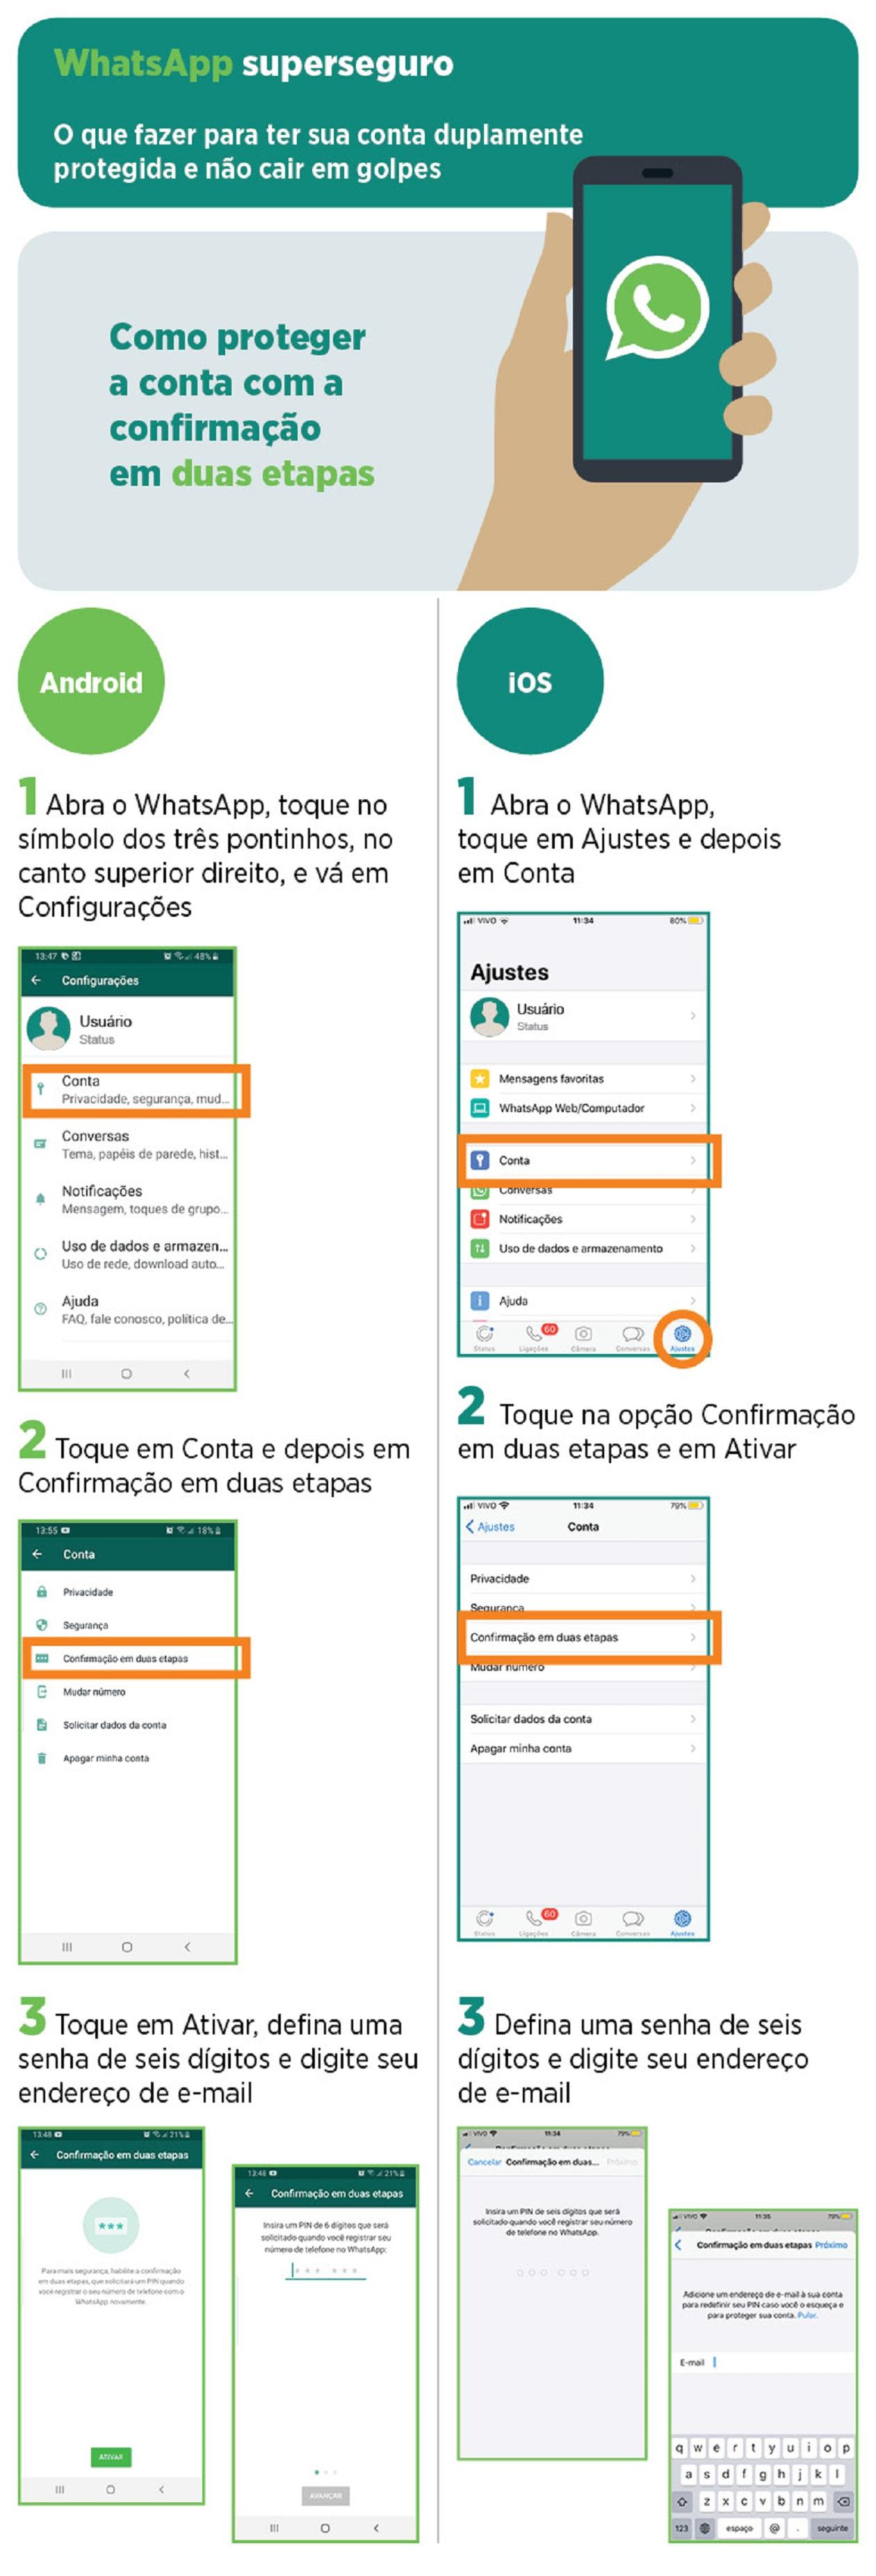 Saiba como deixar seu WhatsApp ainda mais seguro